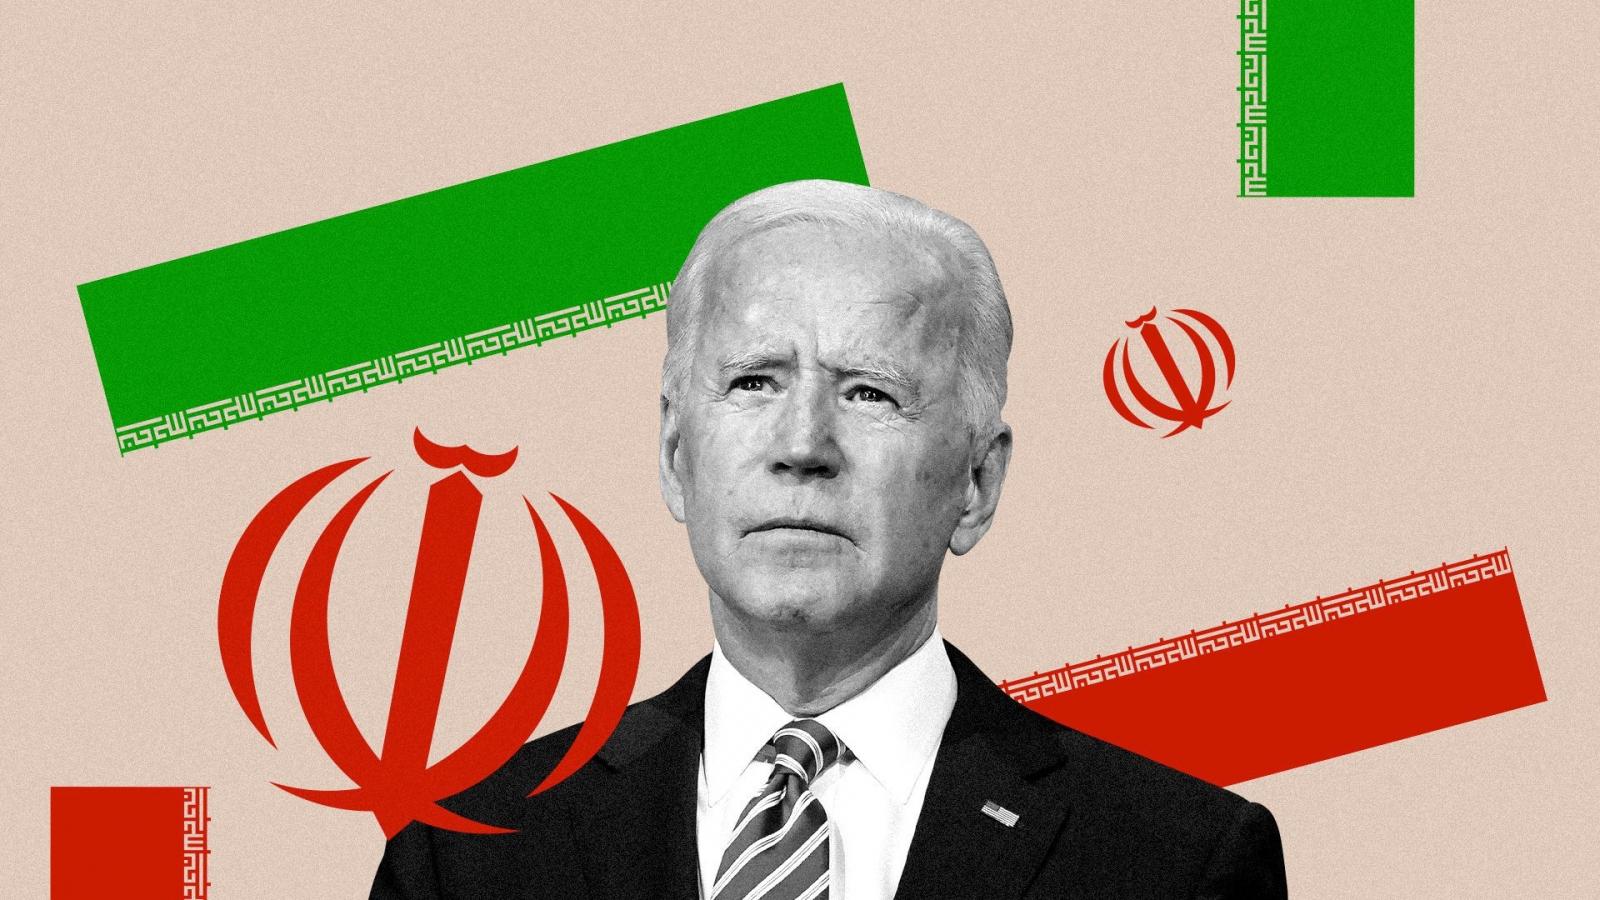 Gần 150 hạ nghị sĩ Dân chủ ủng hộ Mỹ trở lại thỏa thuận hạt nhân Iran